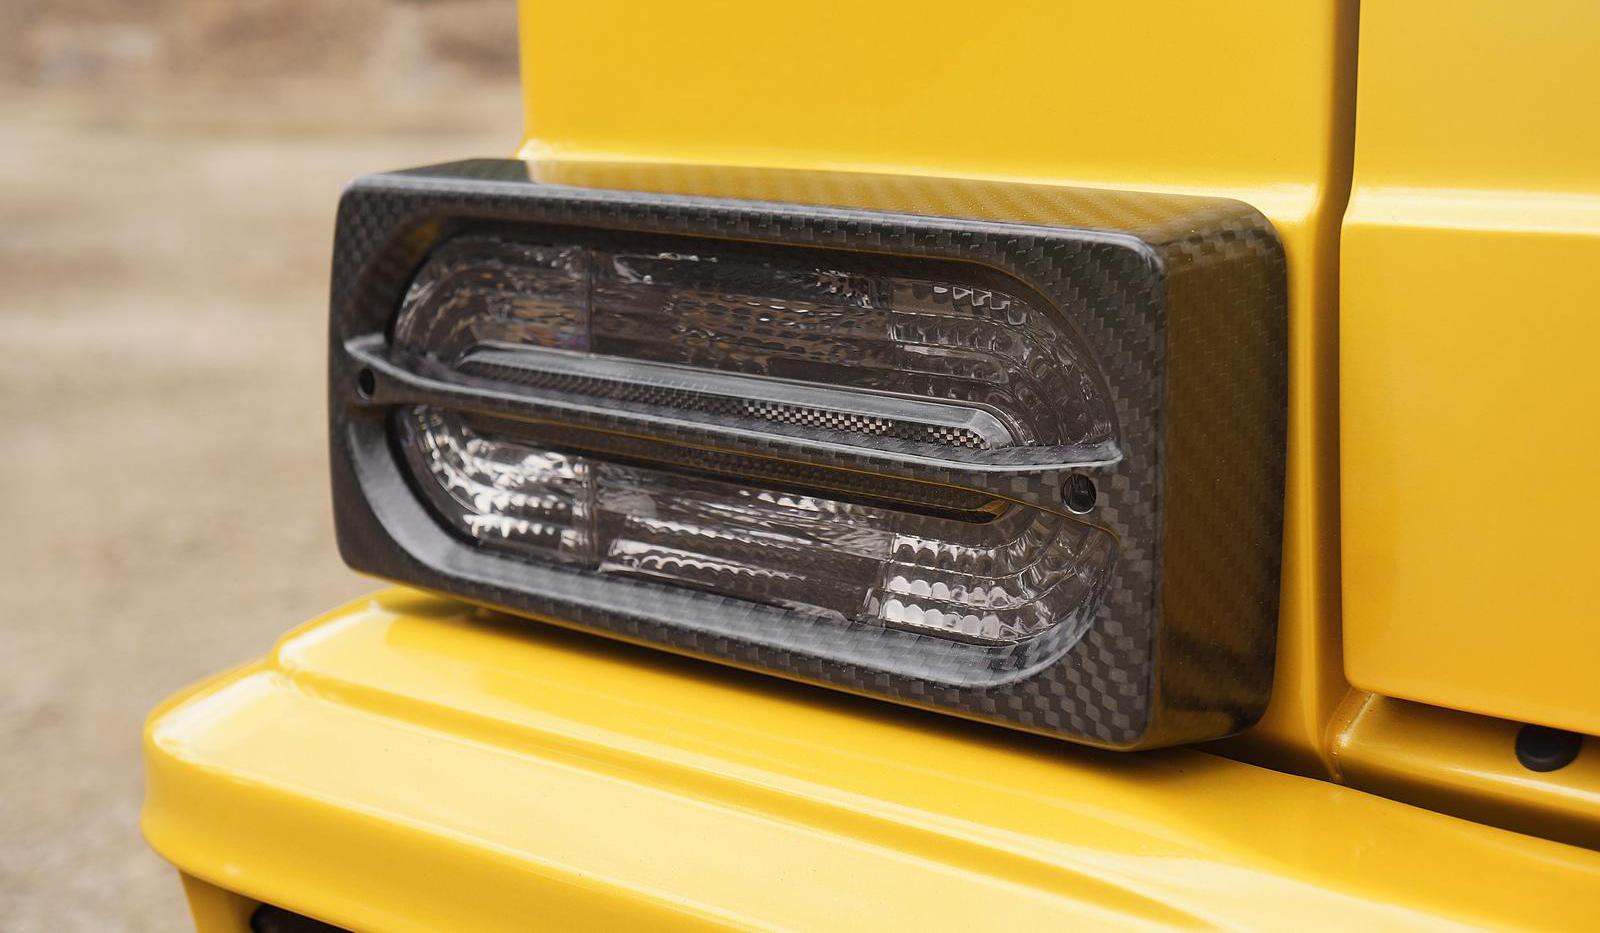 賓士《Mercedes-Benz G 63 AMG 6x6》征服地形也要征服目光 Mansory為新年式六輪野獸推出專屬套件